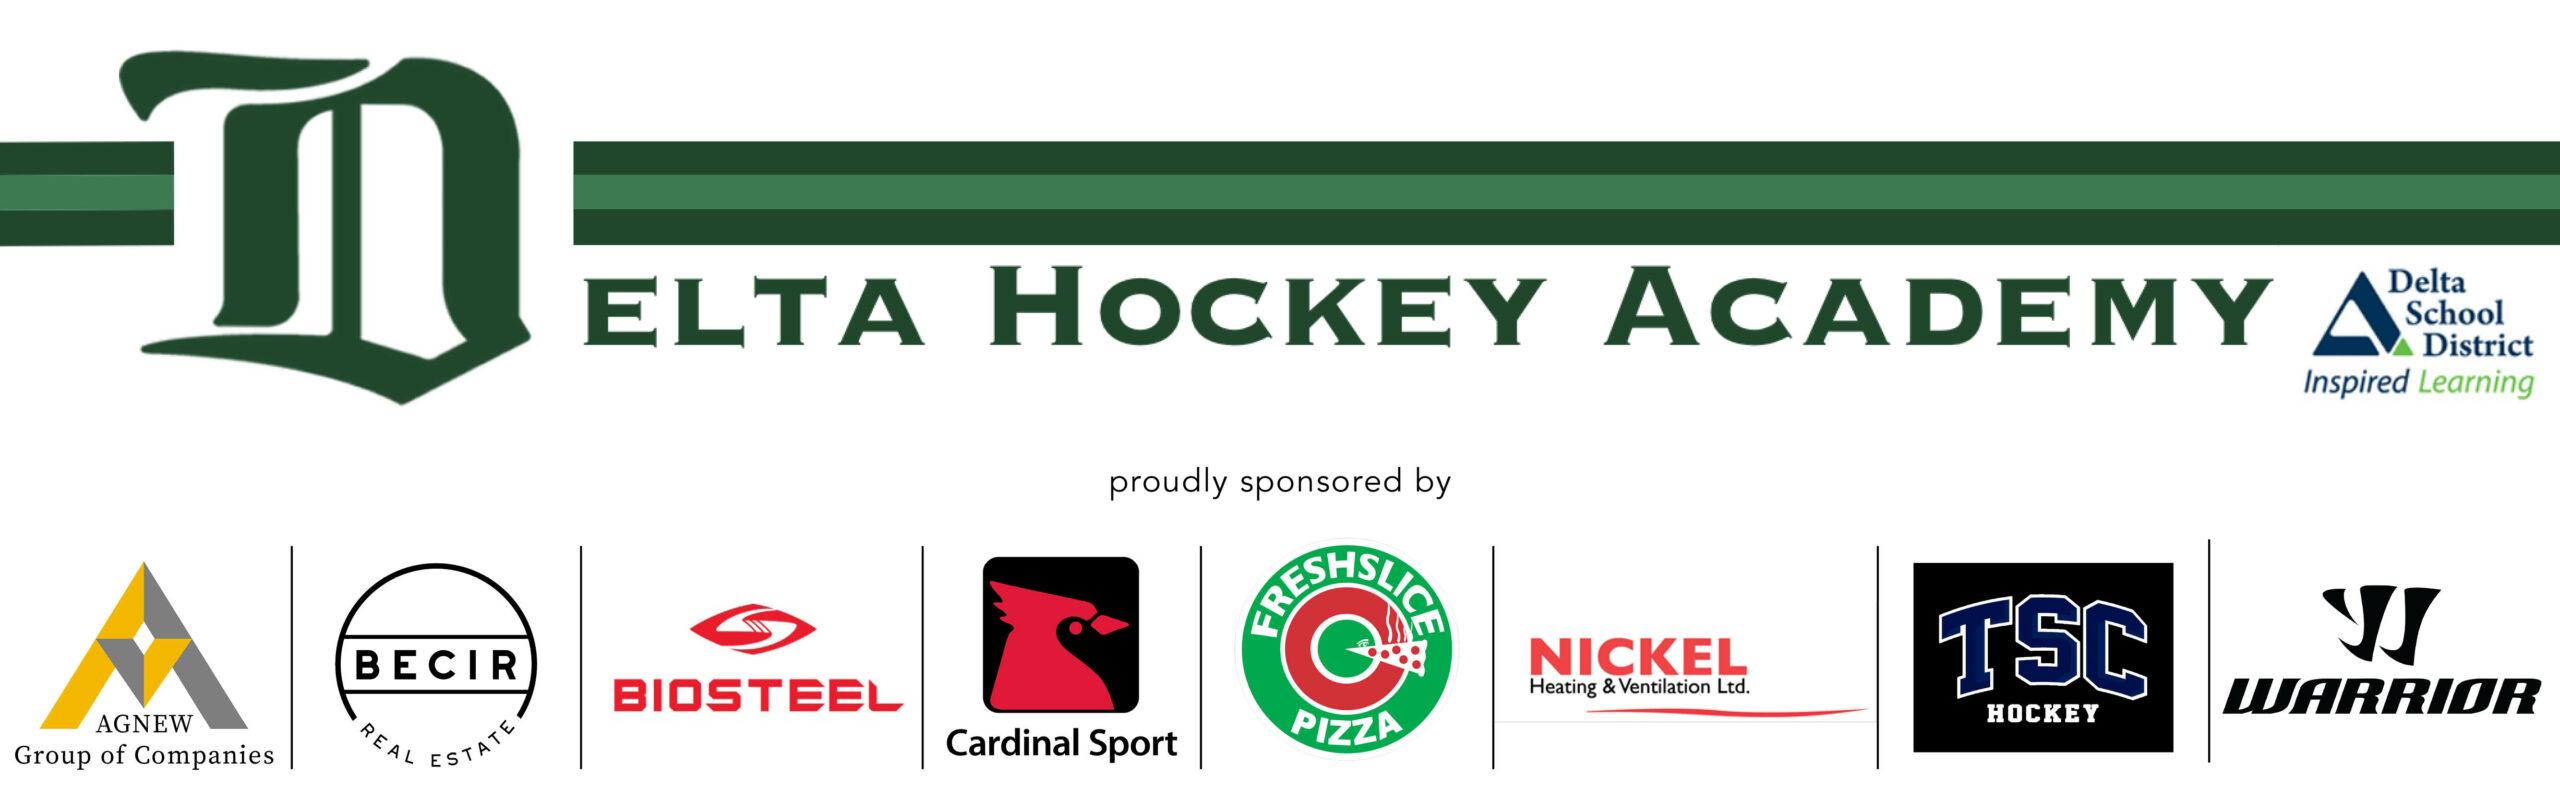 Delta Hockey Academy